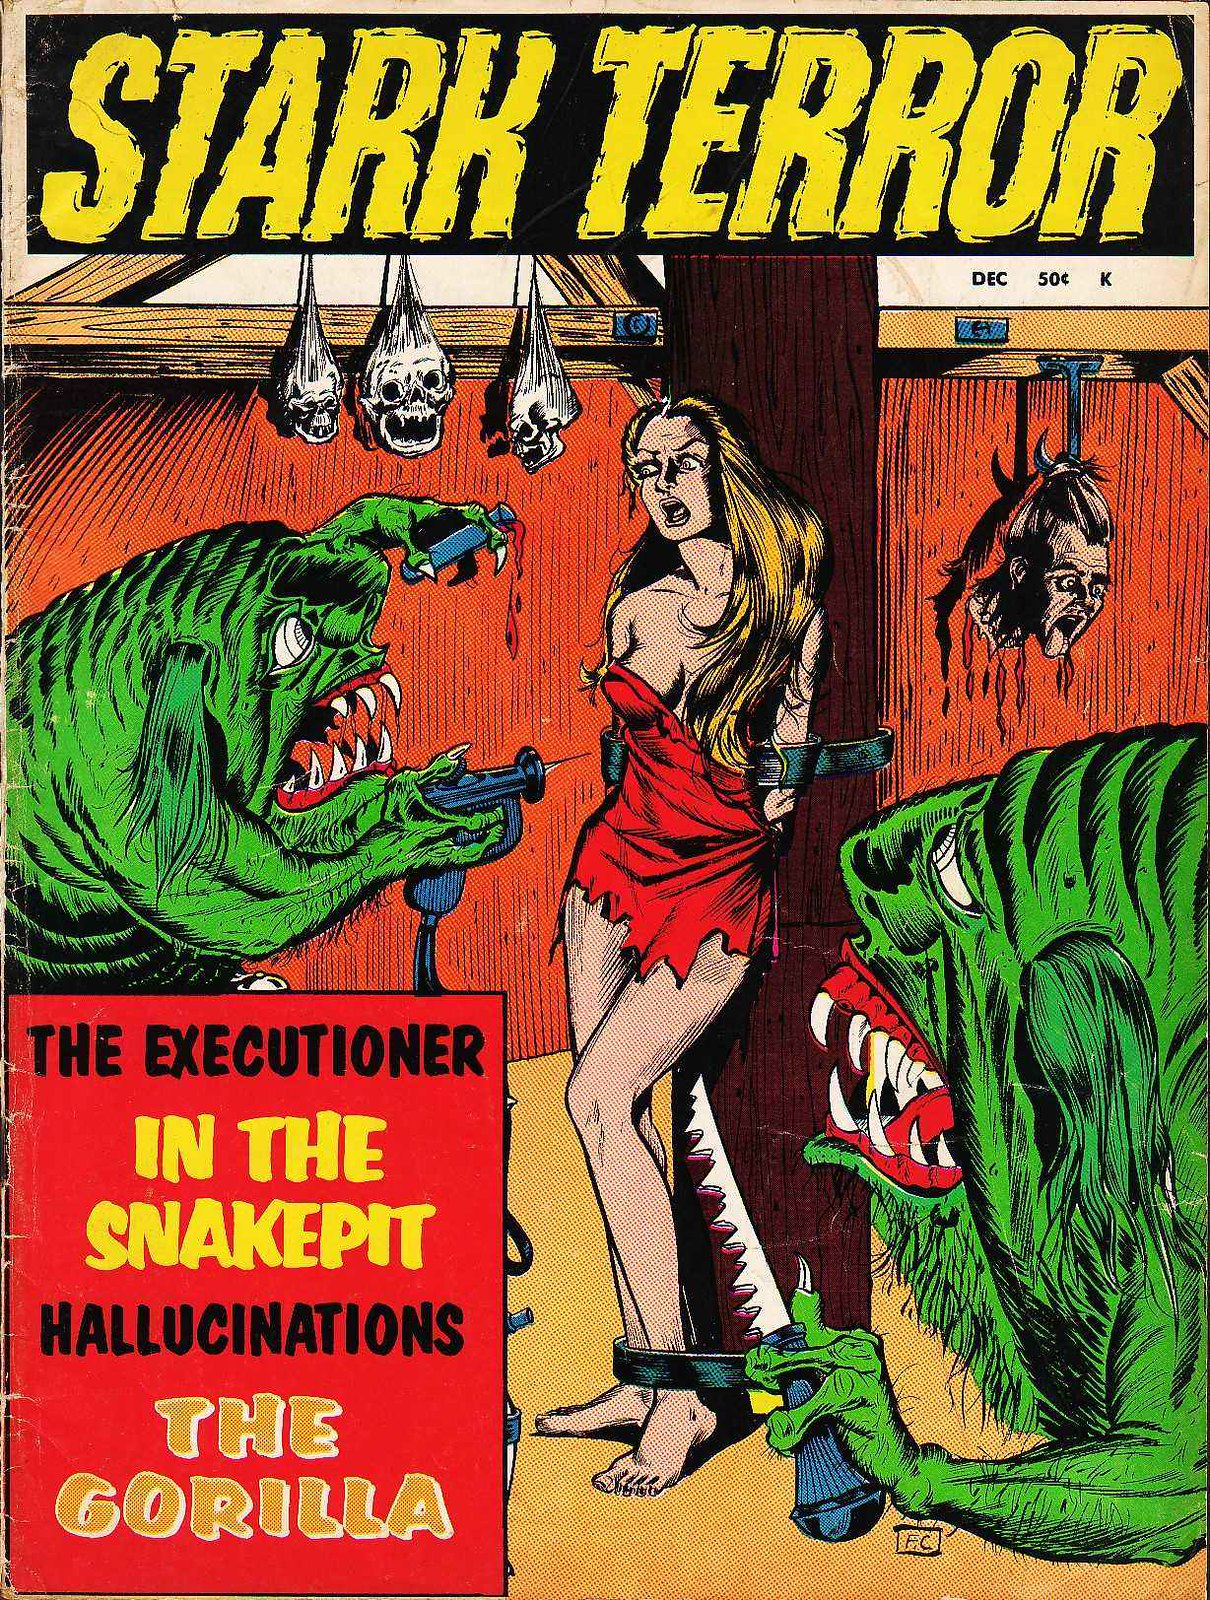 Stark Terror - 01, December 1970